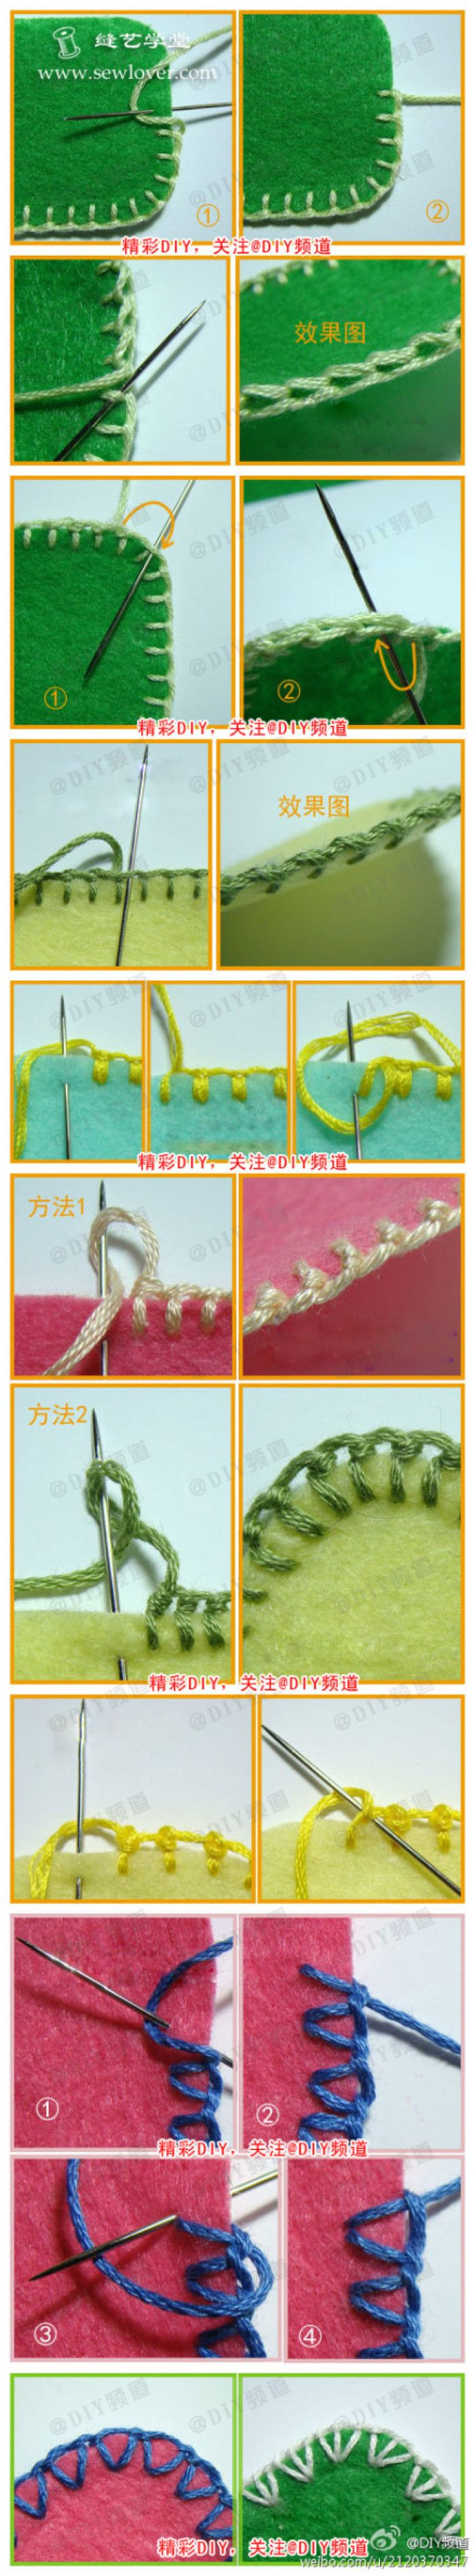 N种花式锁边绣